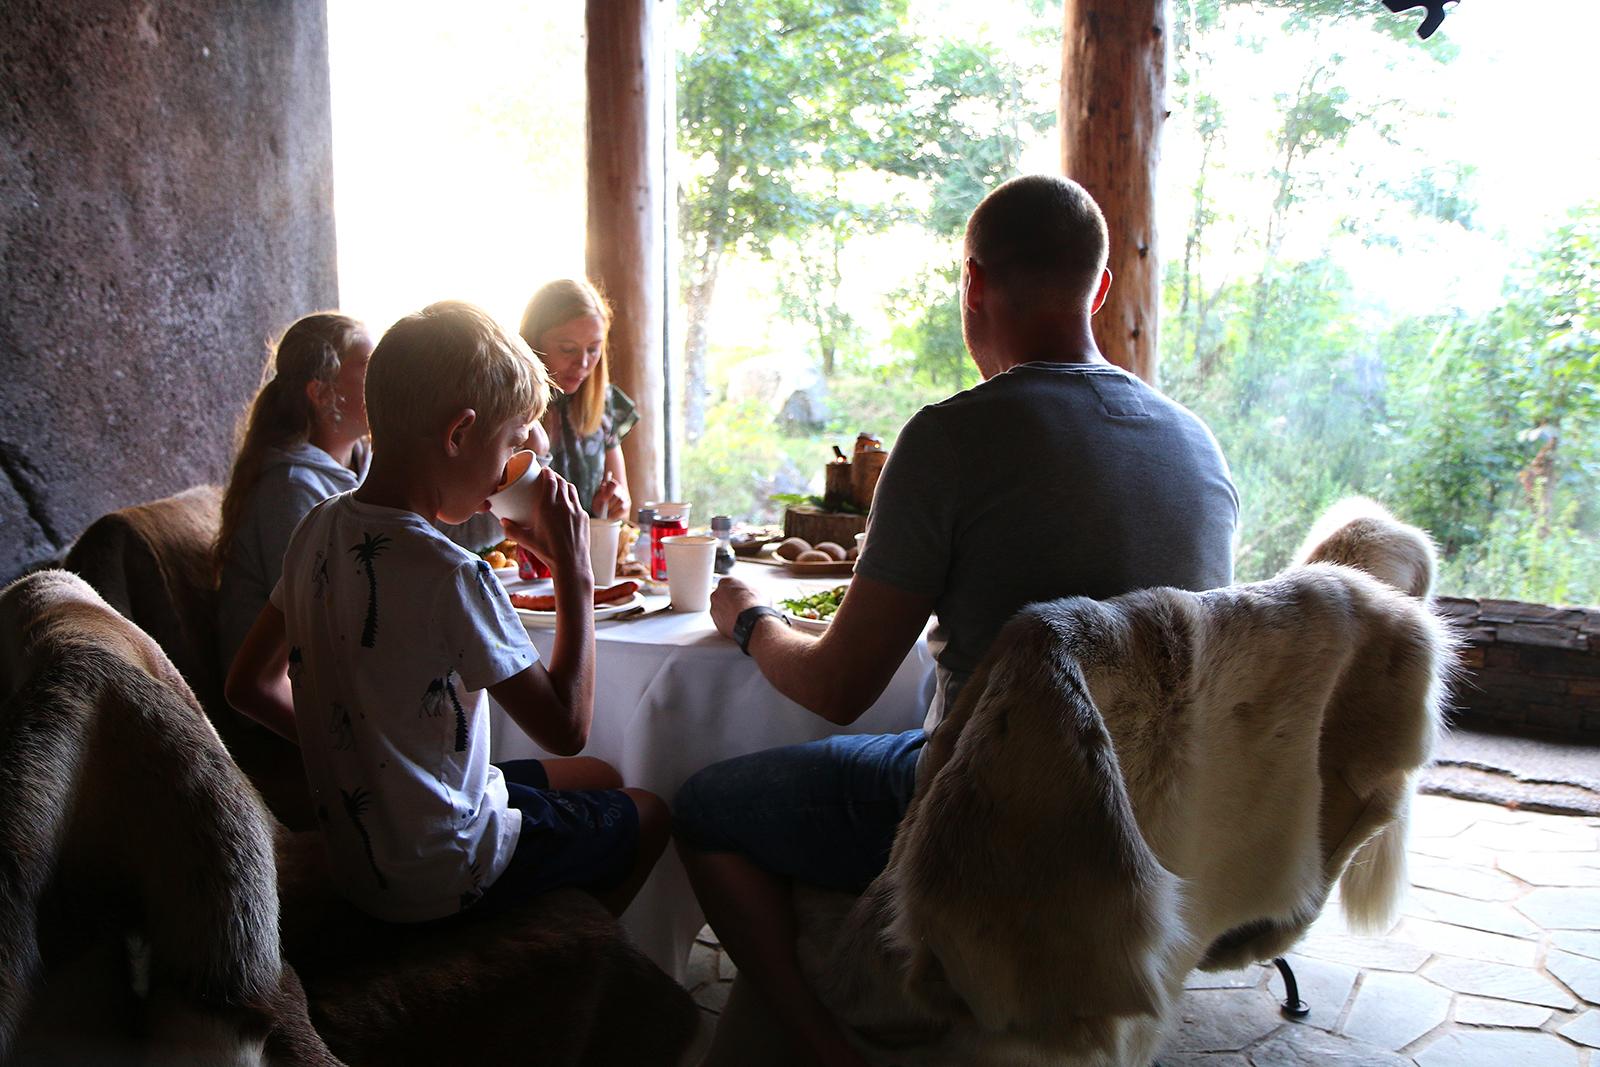 Familimiddag: Denne familiemiddagen midt ute i parken med ville løver bare noen centimeter med glass unna, glemmer man ikke med det første. Foto: Fjord Line